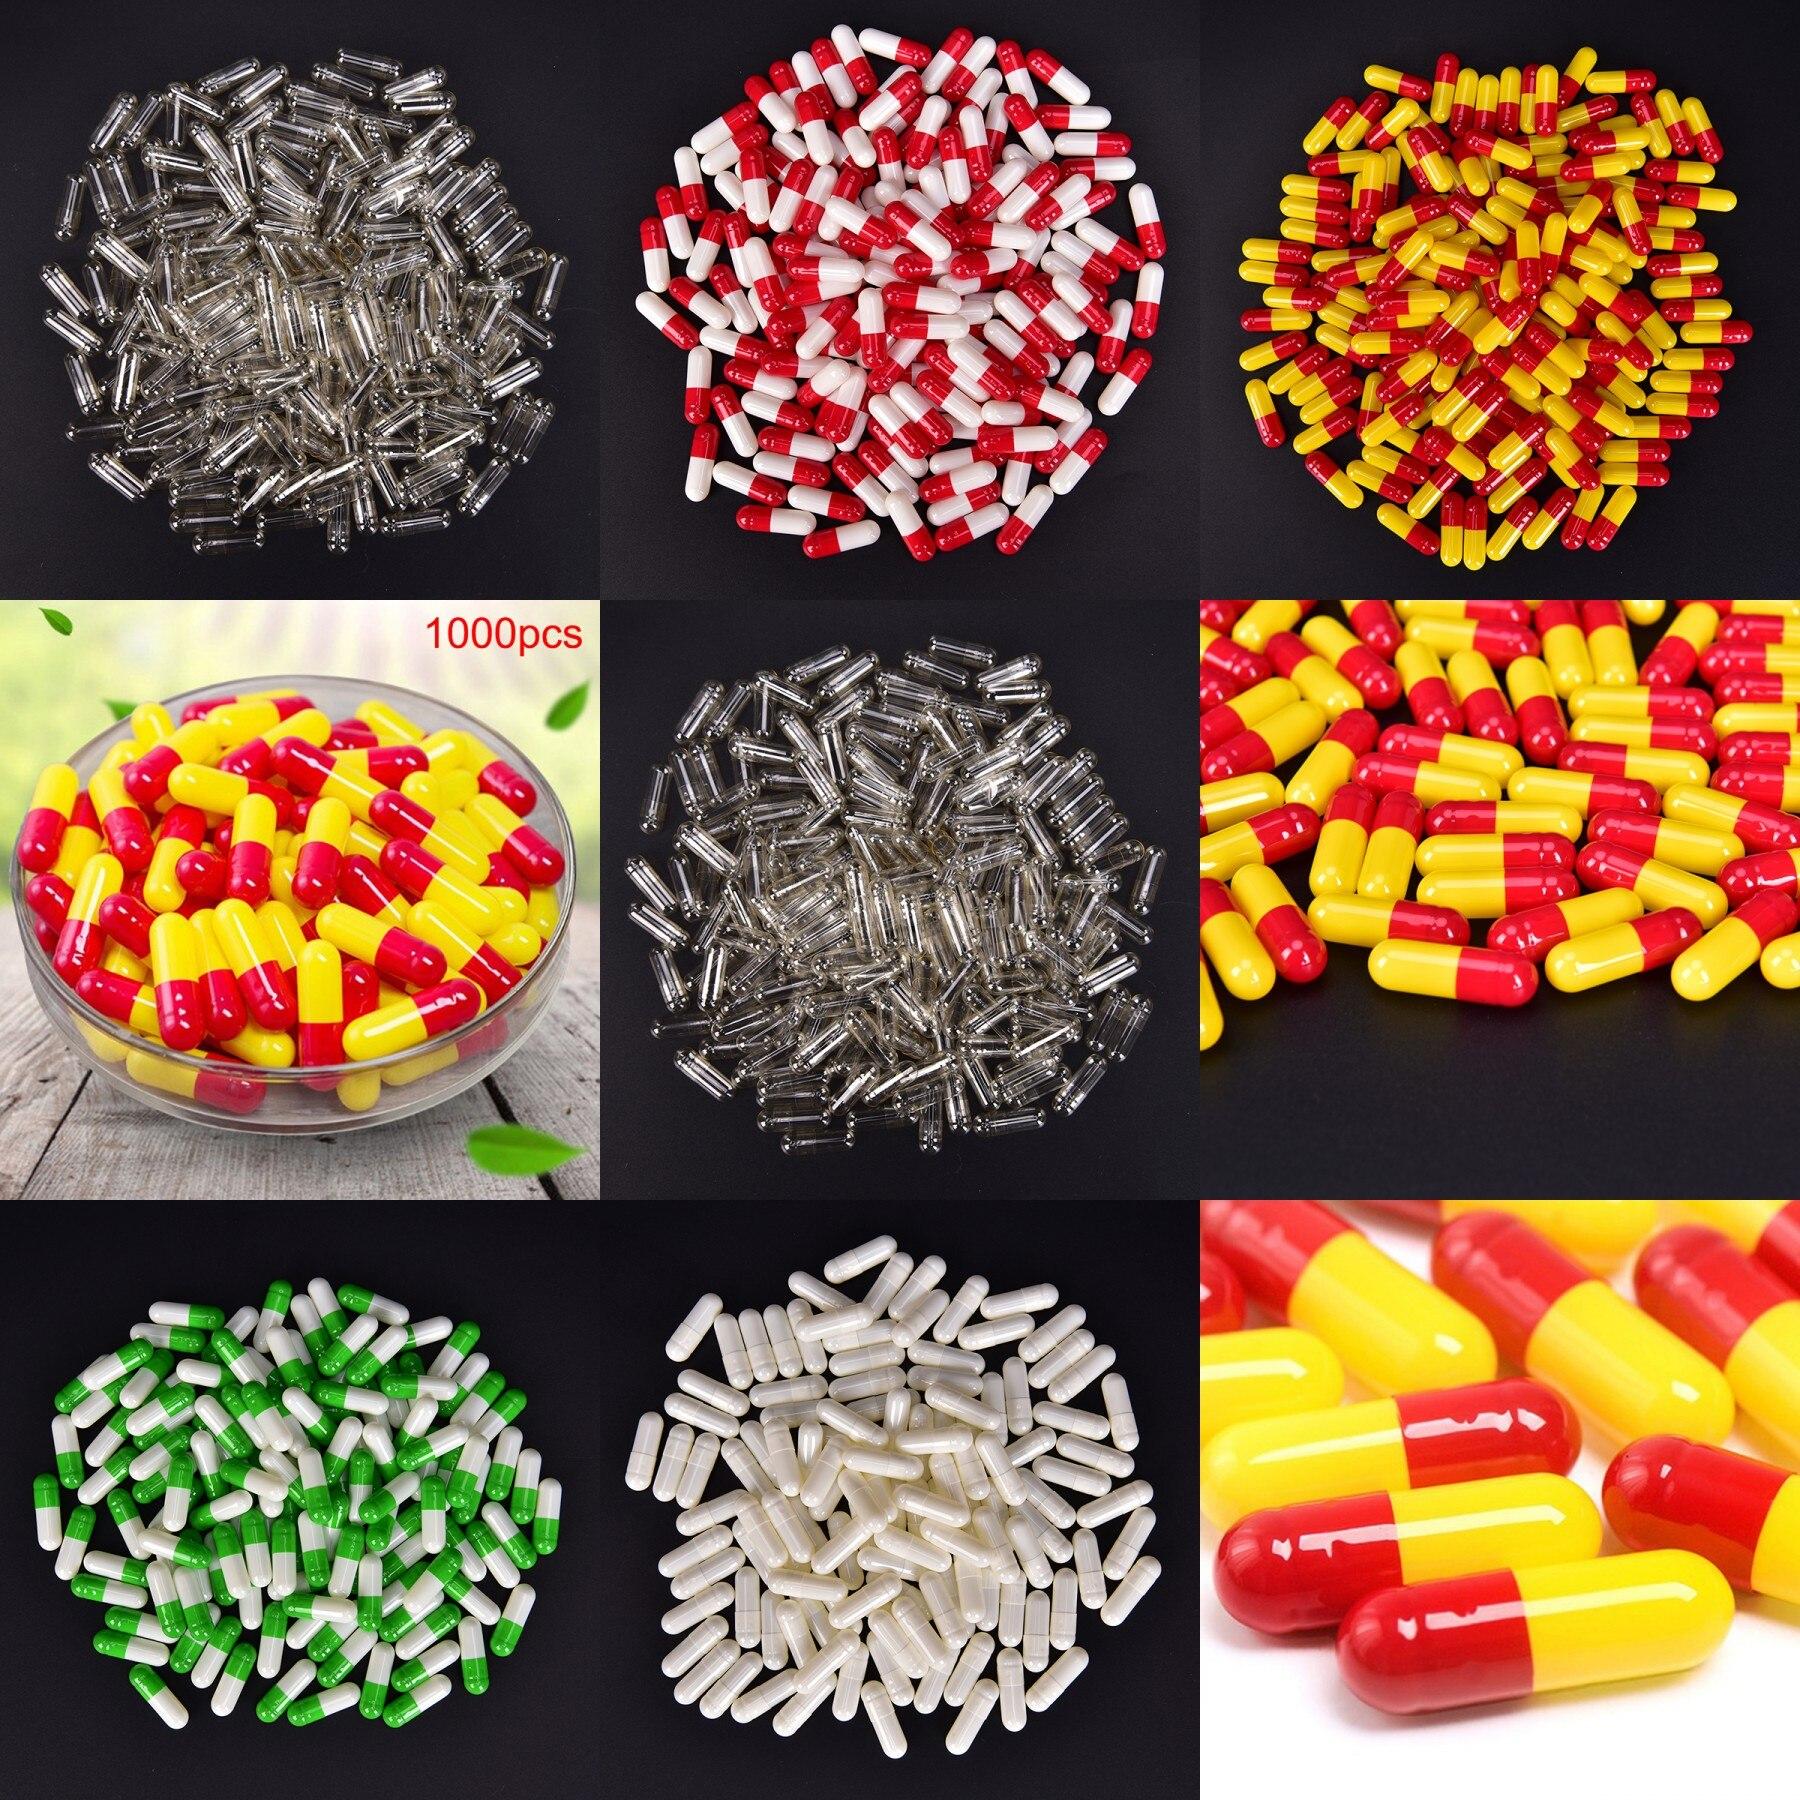 1000 Stücke Transparent Leere Gelatine Kapseln Pille Vcaps Klar Halal Getrennt Box Hohe Qualität Nachfüllbare Flaschen Haut Pflege Werkzeuge